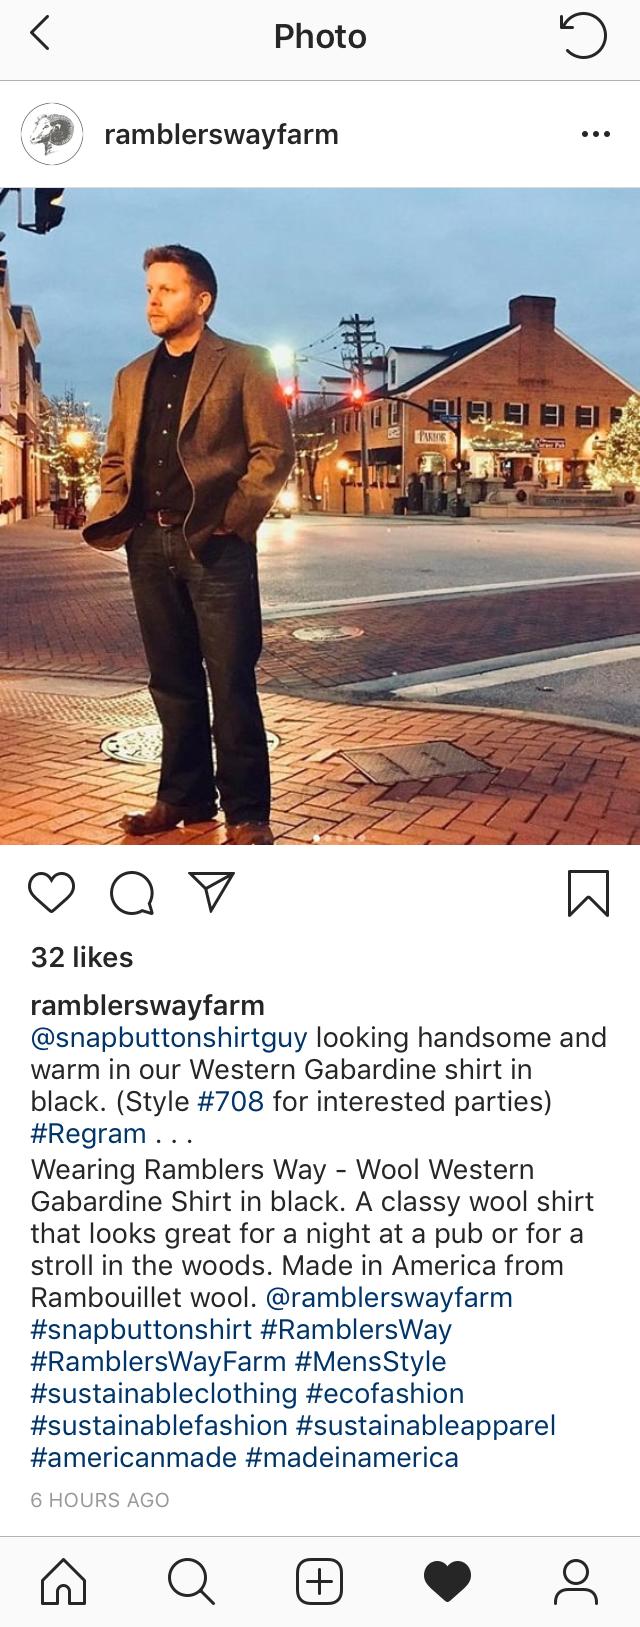 Ramblers Way Instagram post